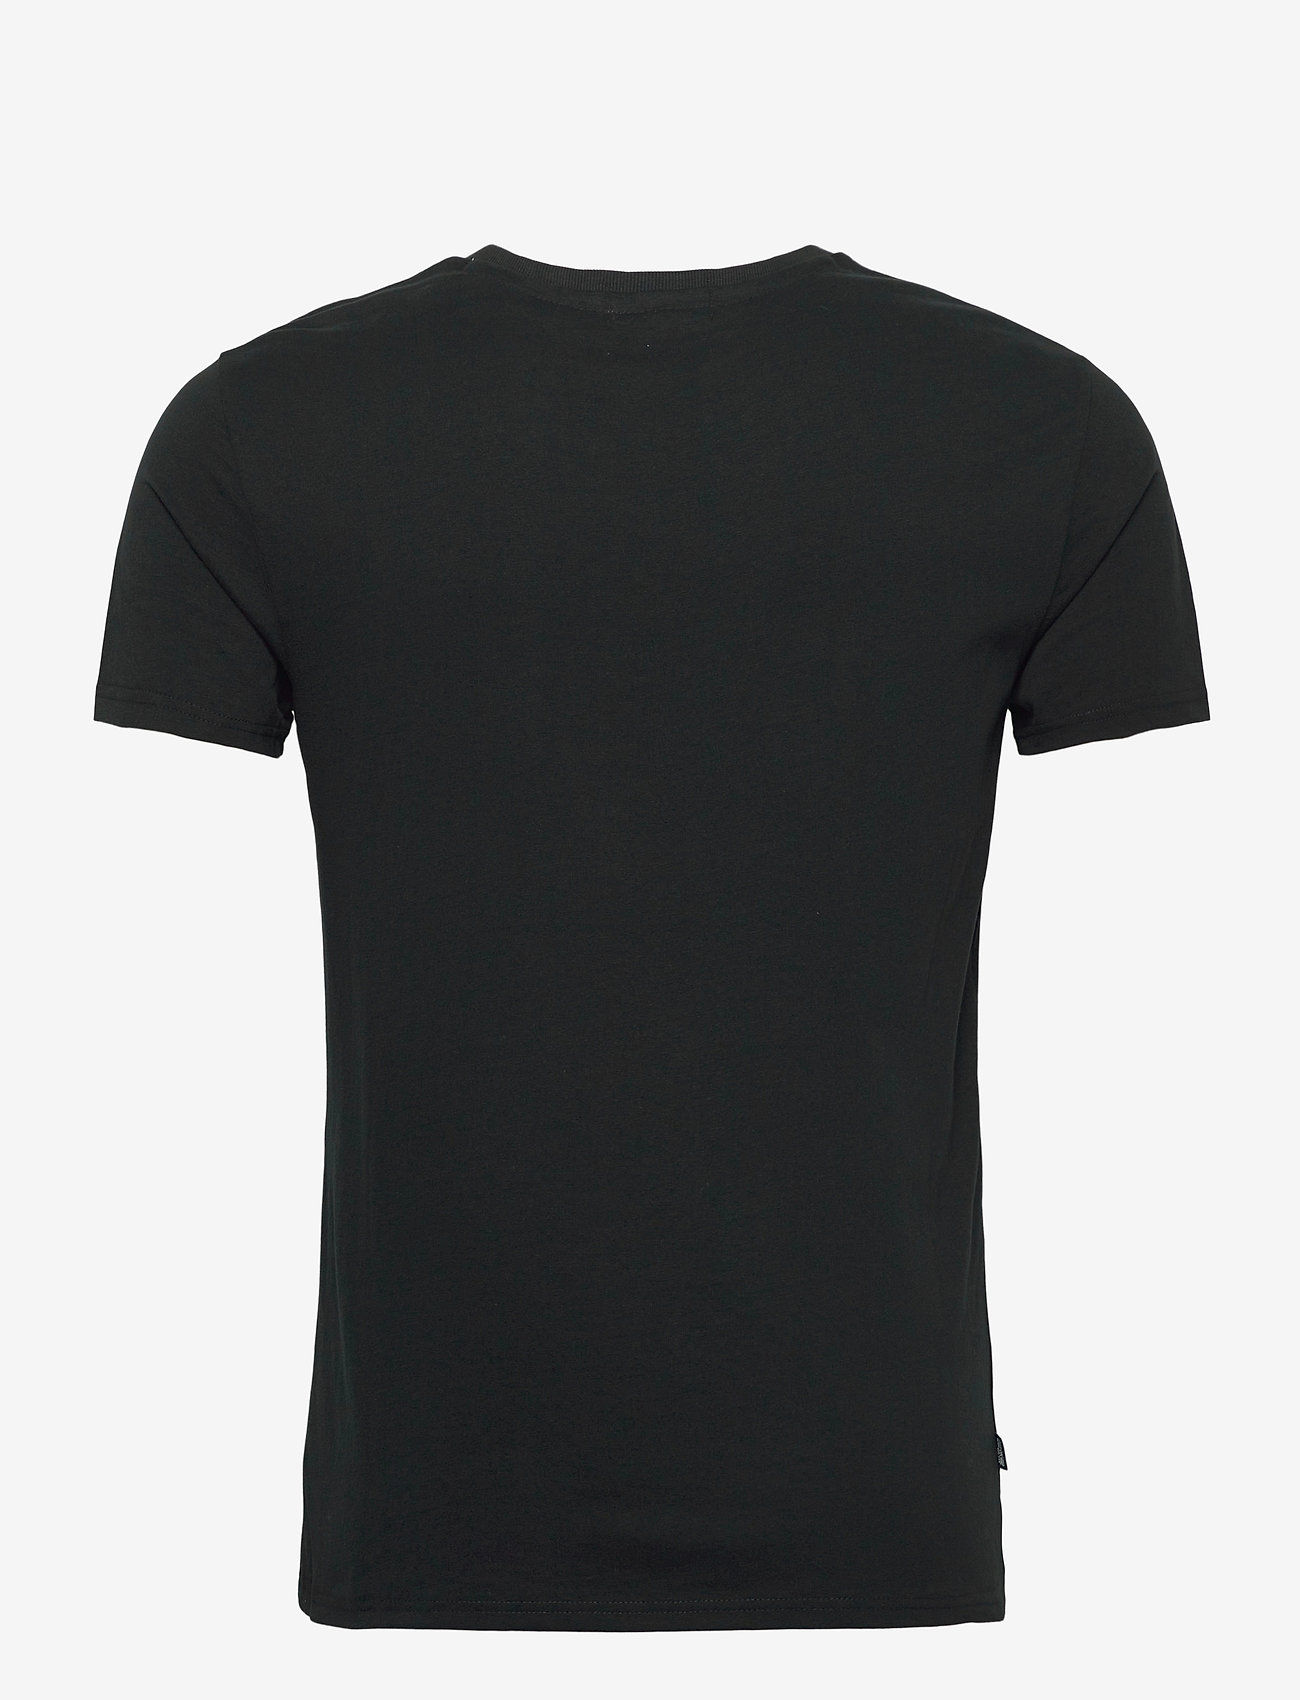 Superdry Ol Classic Vee Tee Ns - T-skjorter BLACK - Menn Klær